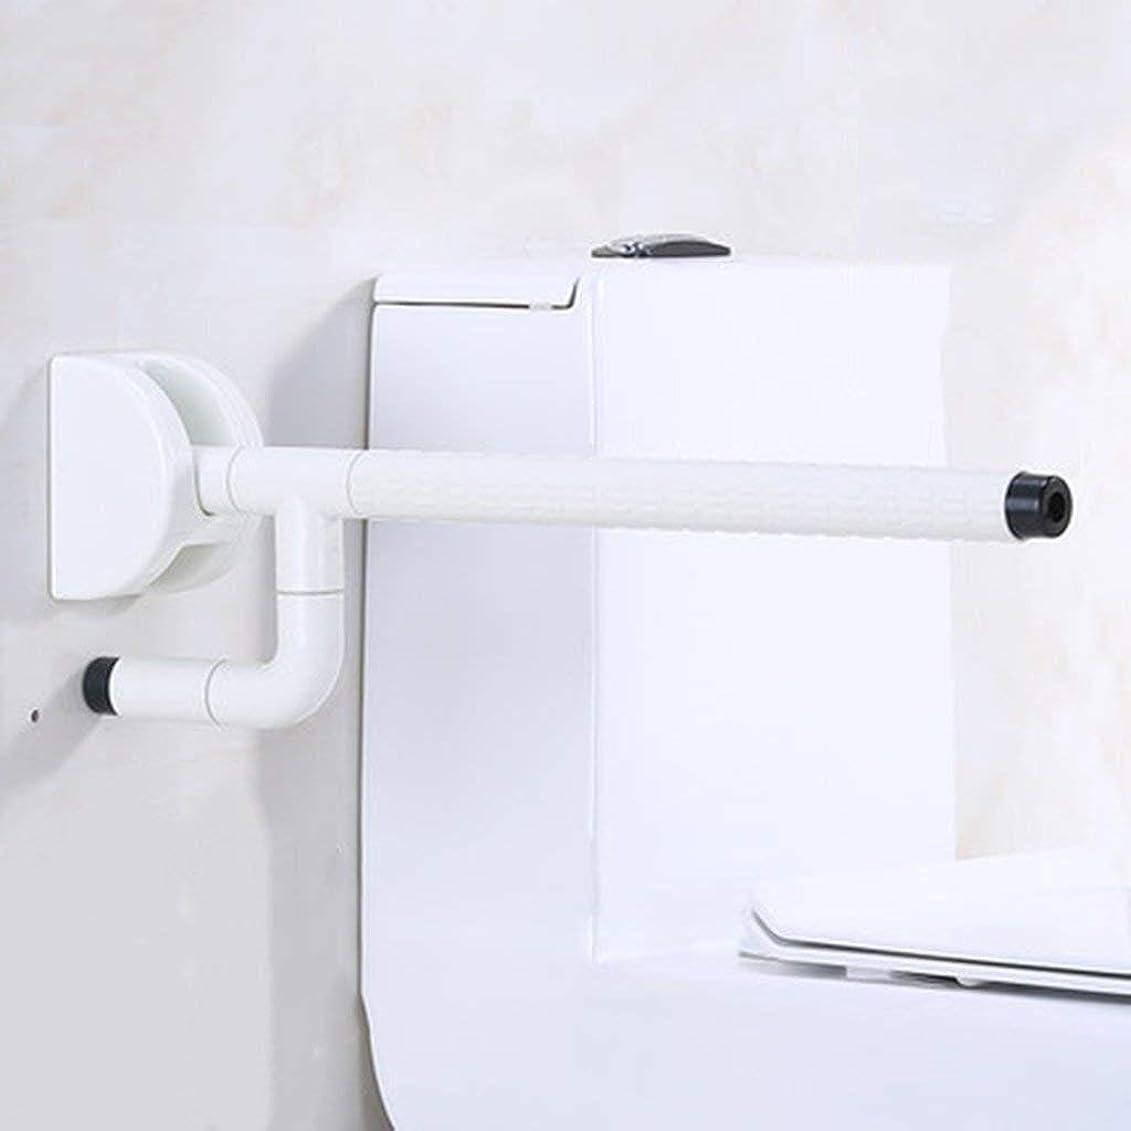 さようなら忌まわしい応じる安全シャワー手すり、バスルーム安全エイド、ハンディキャップ、高齢者、傷害、キッド、滑り止めグリップ、ウォールマウントデザイン折りたたみ (Color : White)